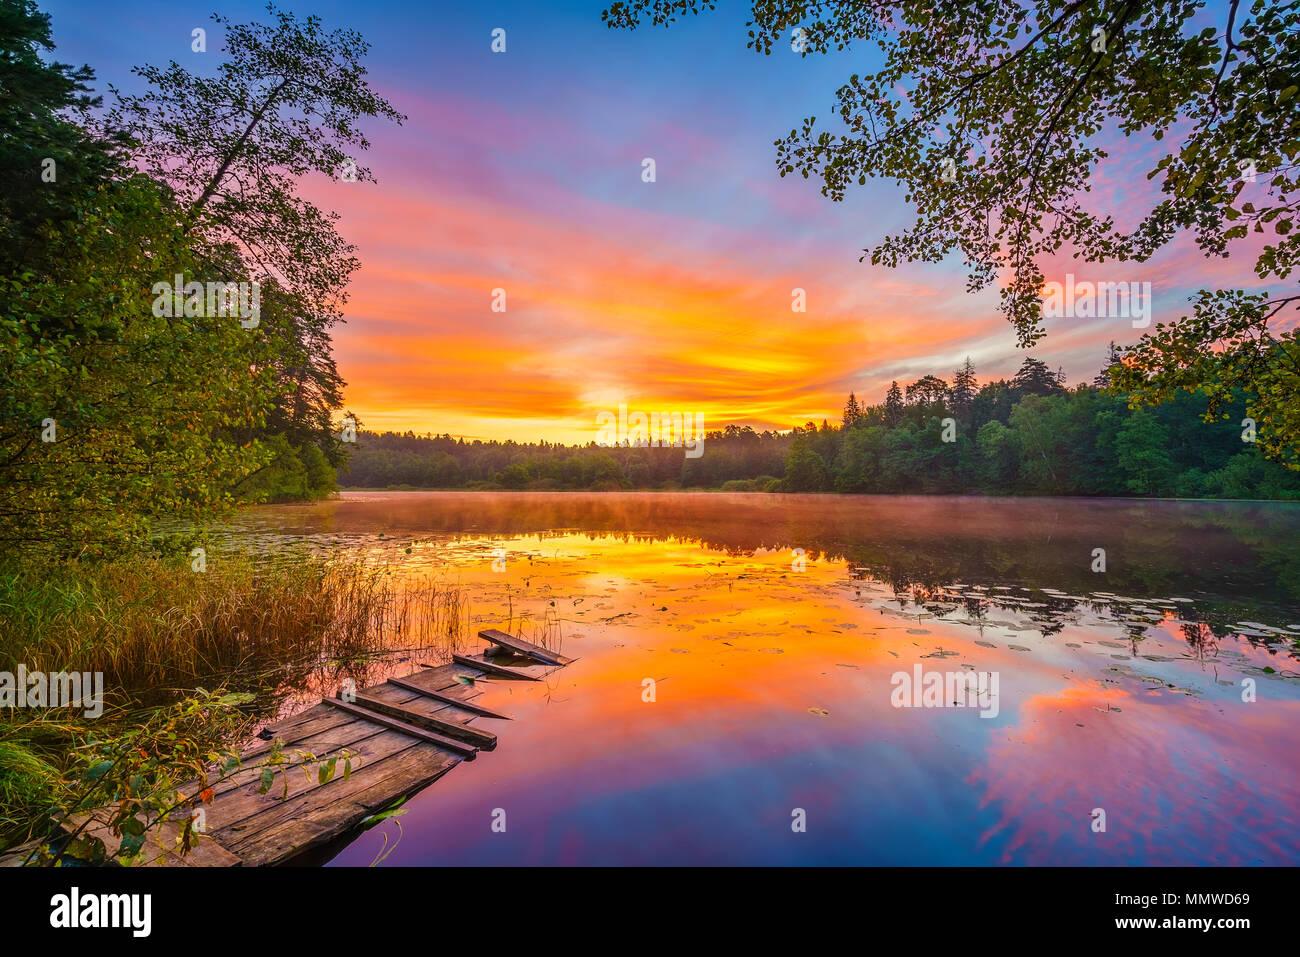 Bright sunrise on a lake - Stock Image